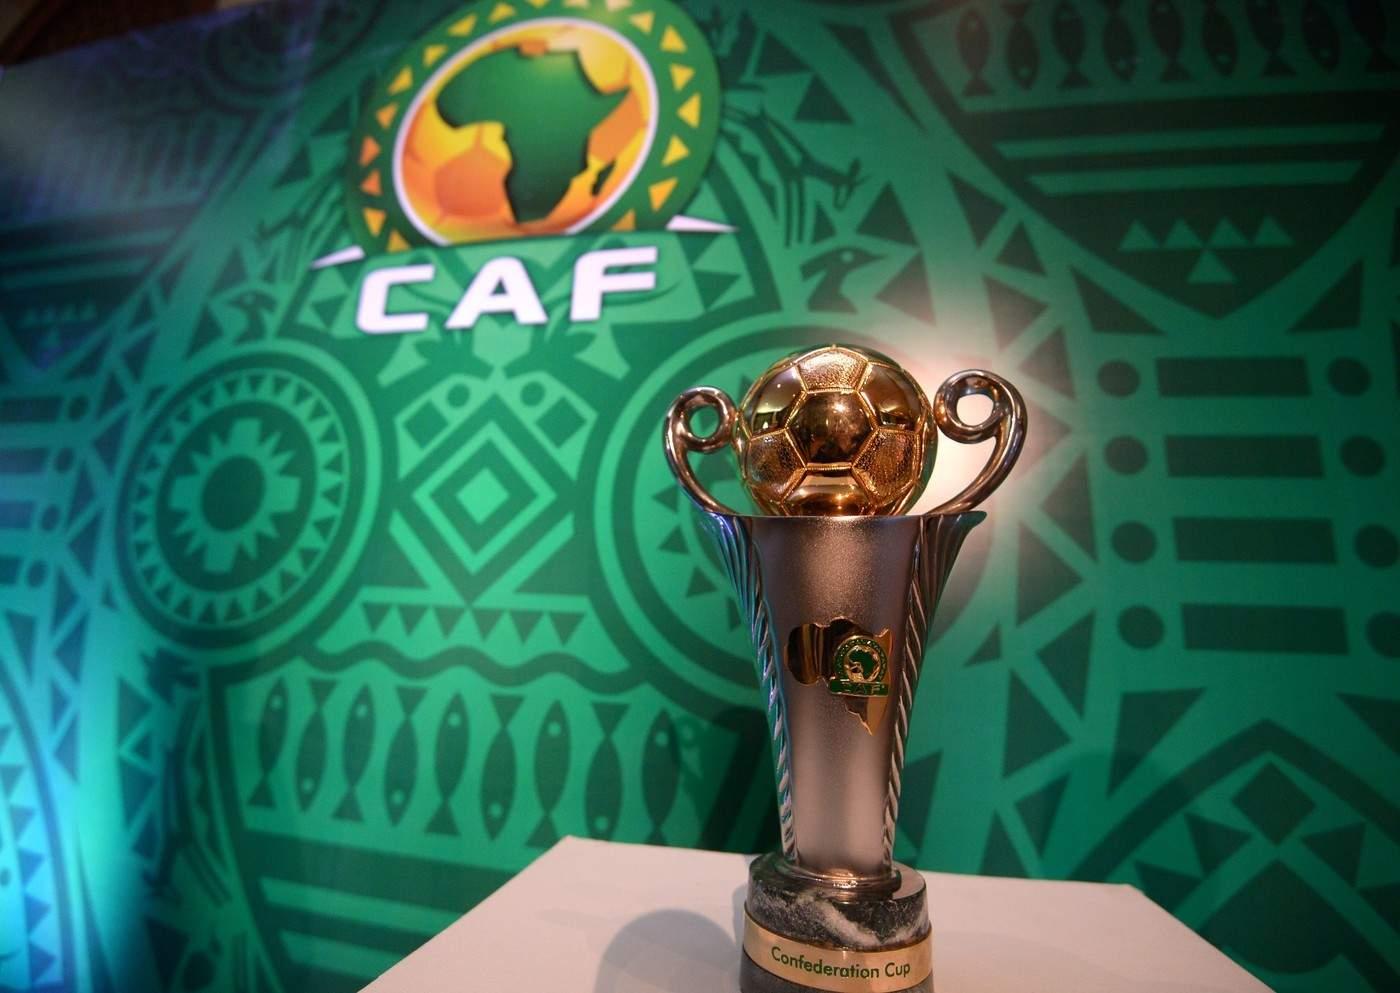 موعد مباراة النادي الصفاقسي وبارادو مباشر 15-09-2019 كأس الكونفيدرالية الأفريقية